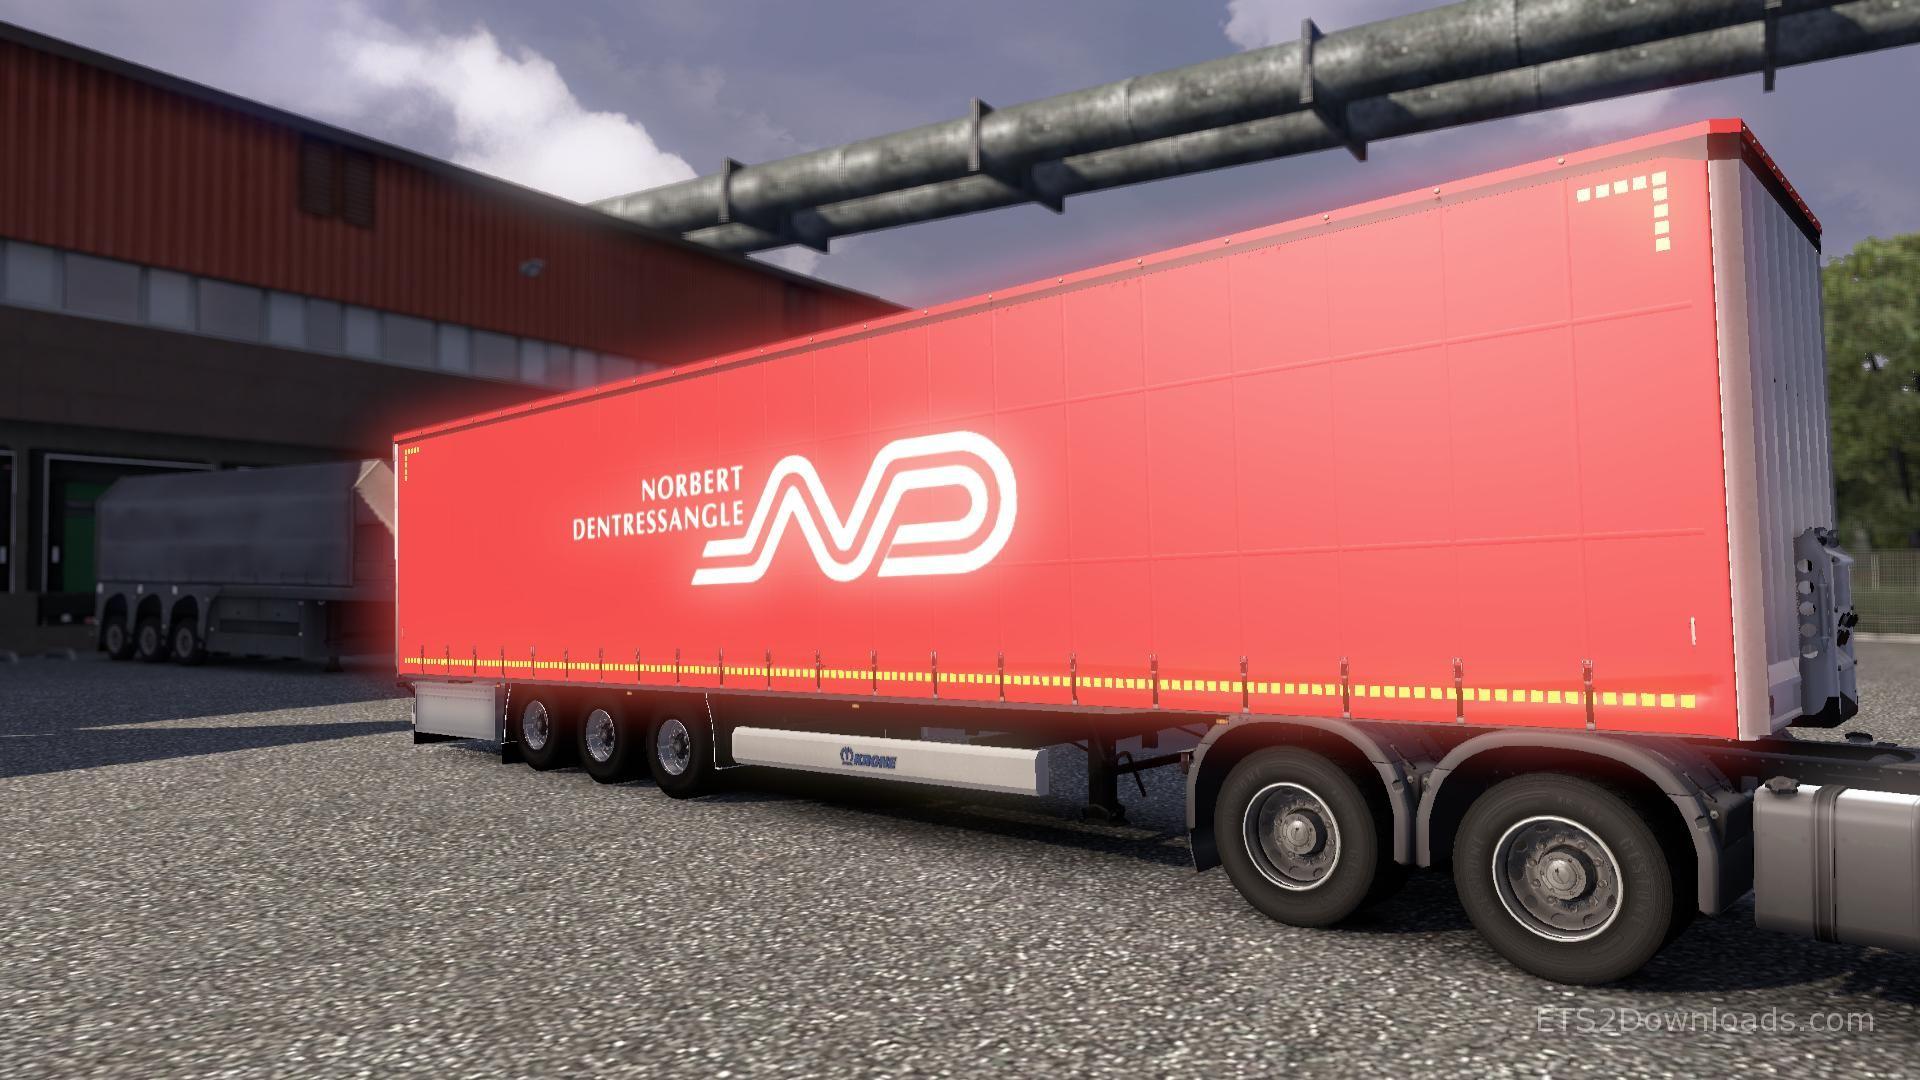 norbet-dentressangle-skin-pack-for-all-trucks-1